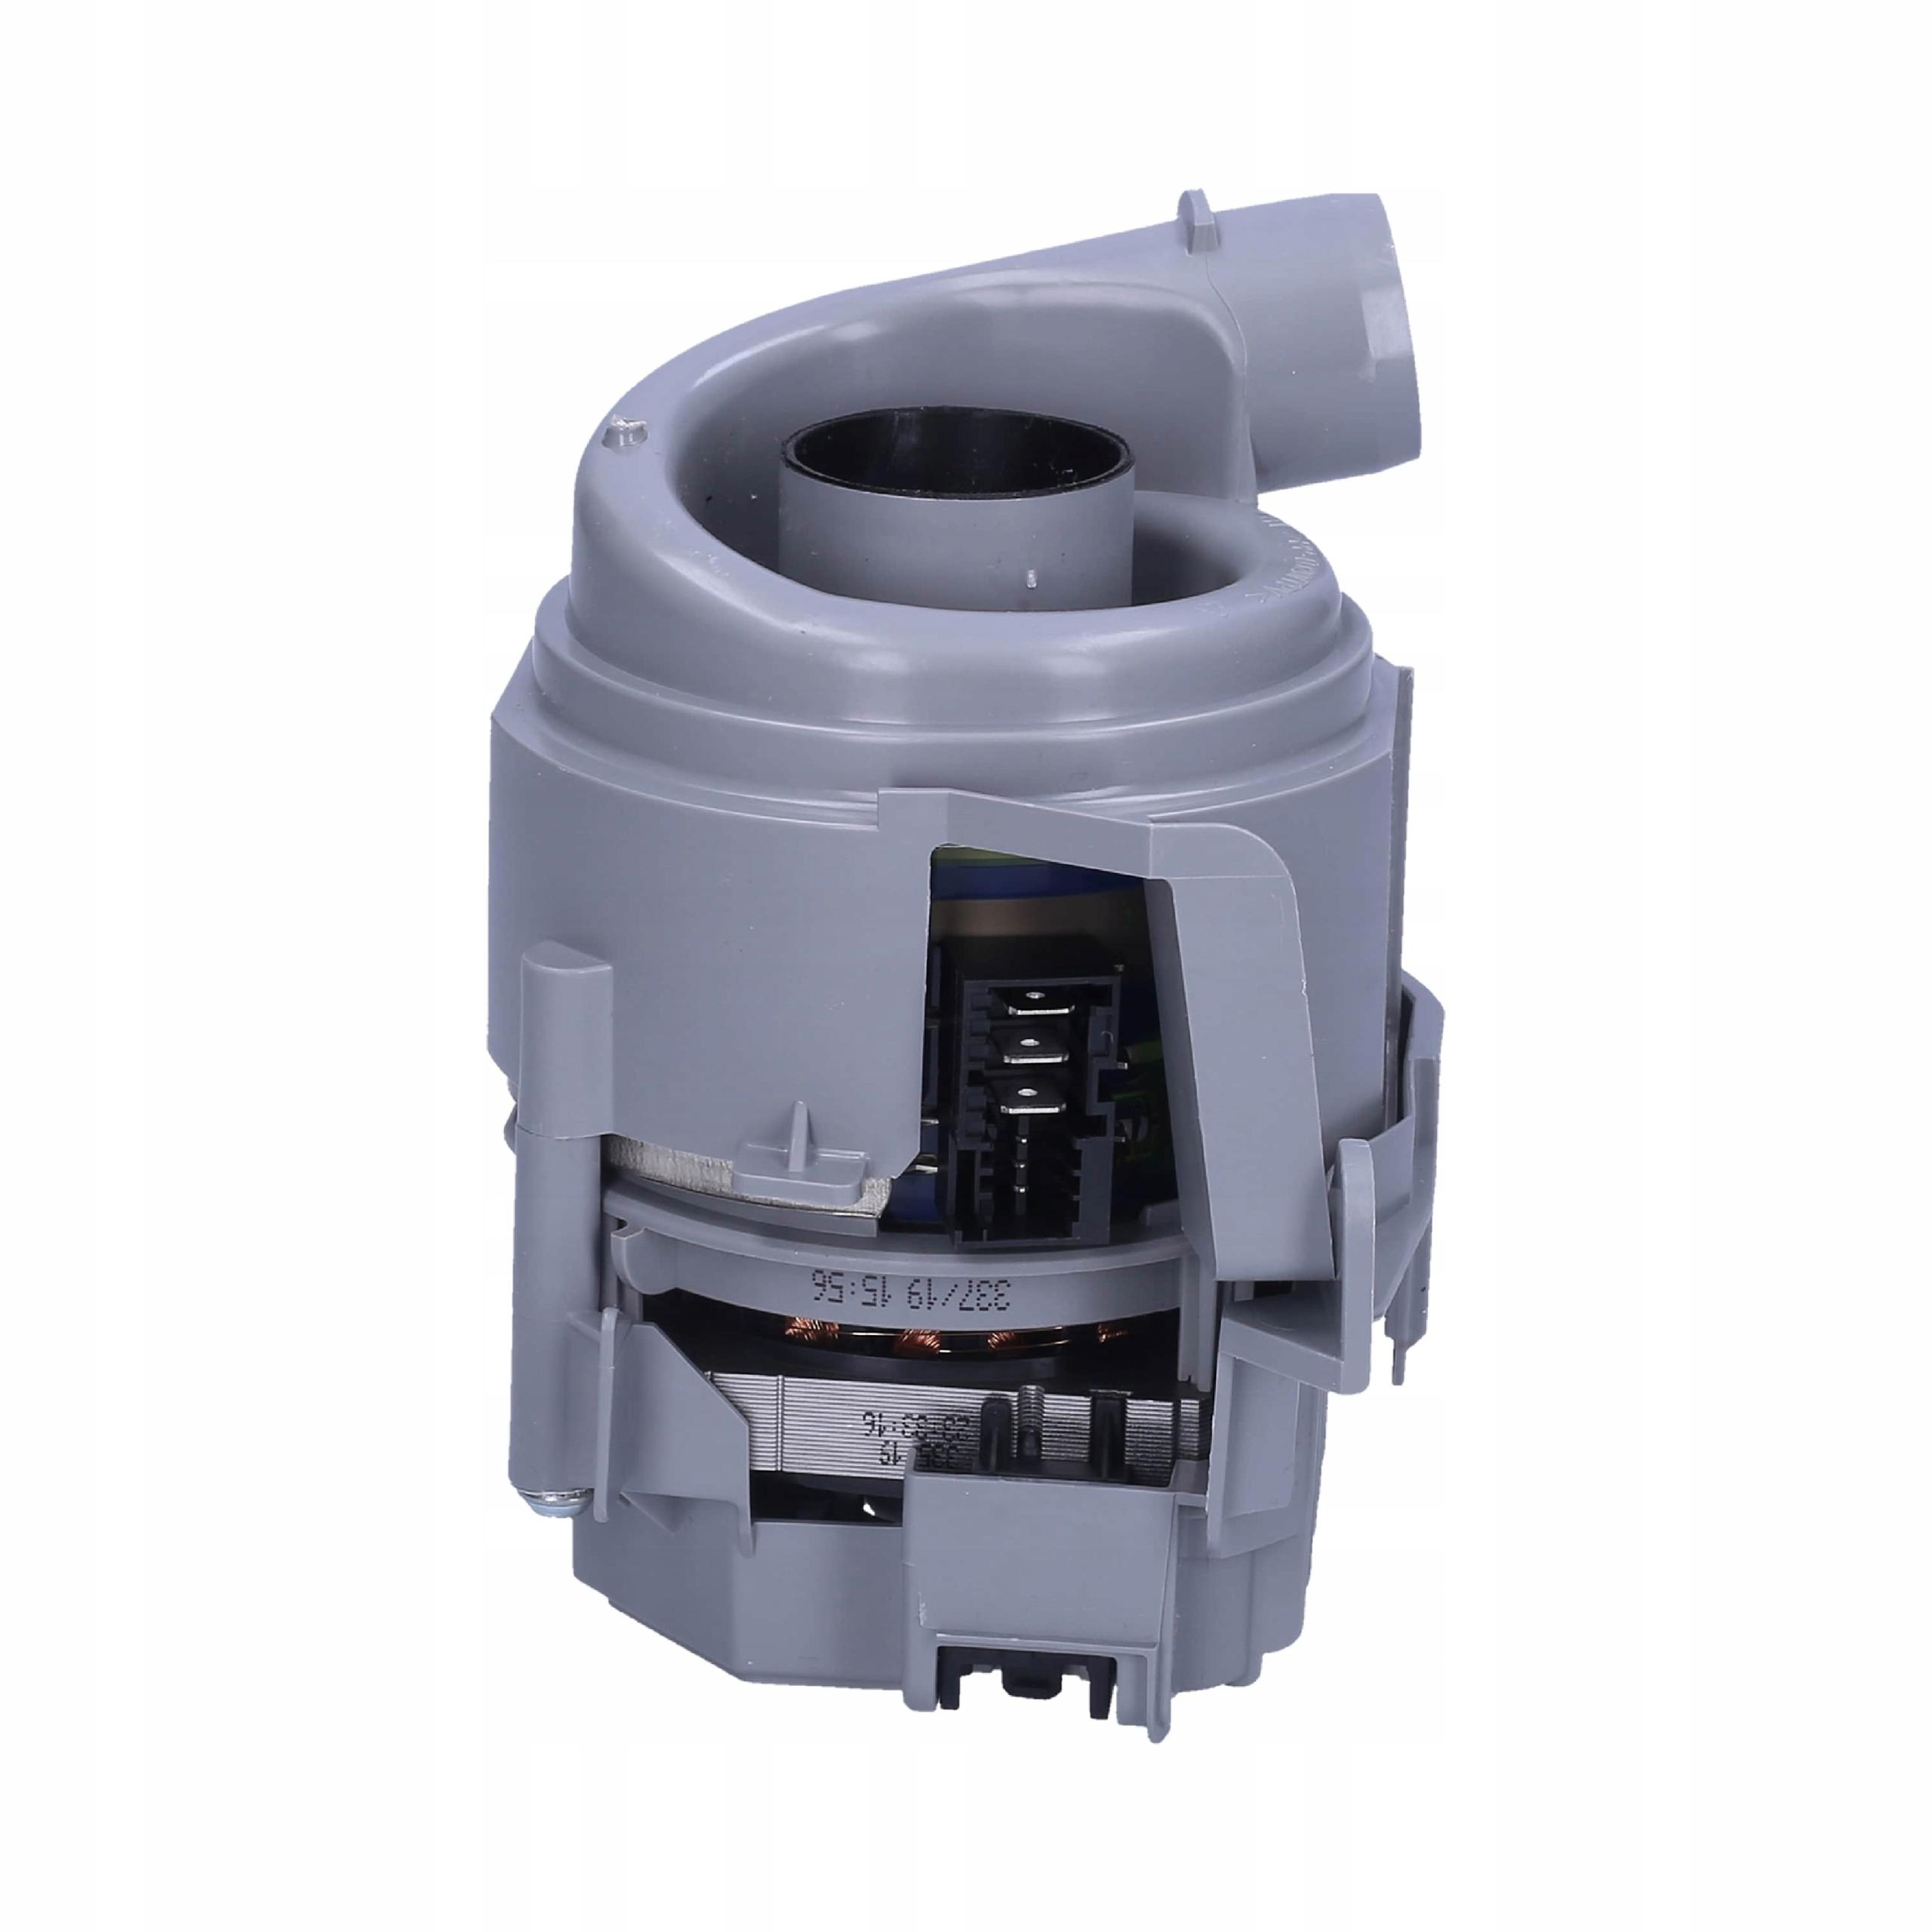 Grzałka насос myjąca zmywarka Bosch Siemens NOWA!